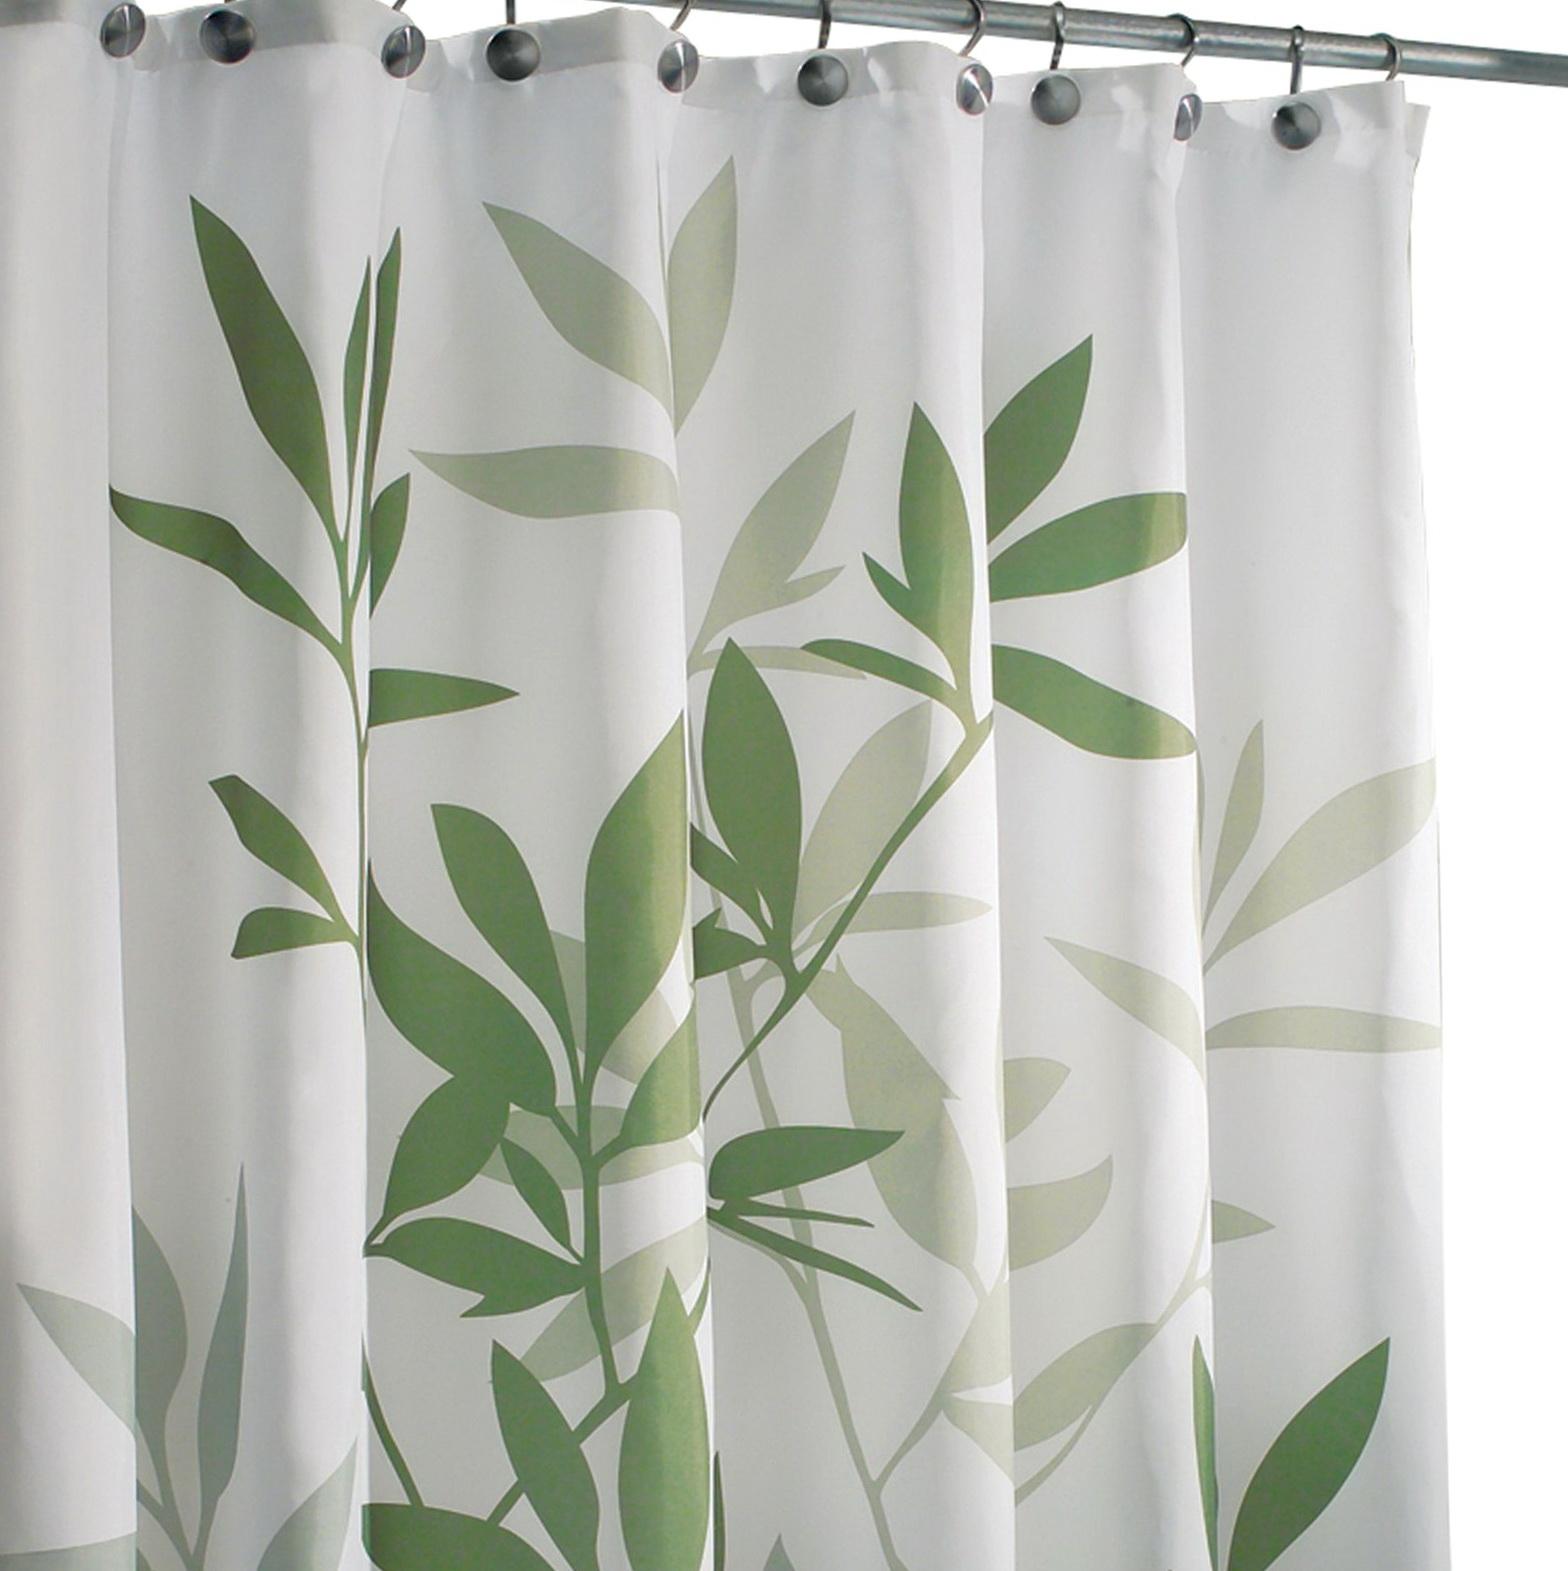 Contemporary Shower Curtains Uk Home Design Ideas